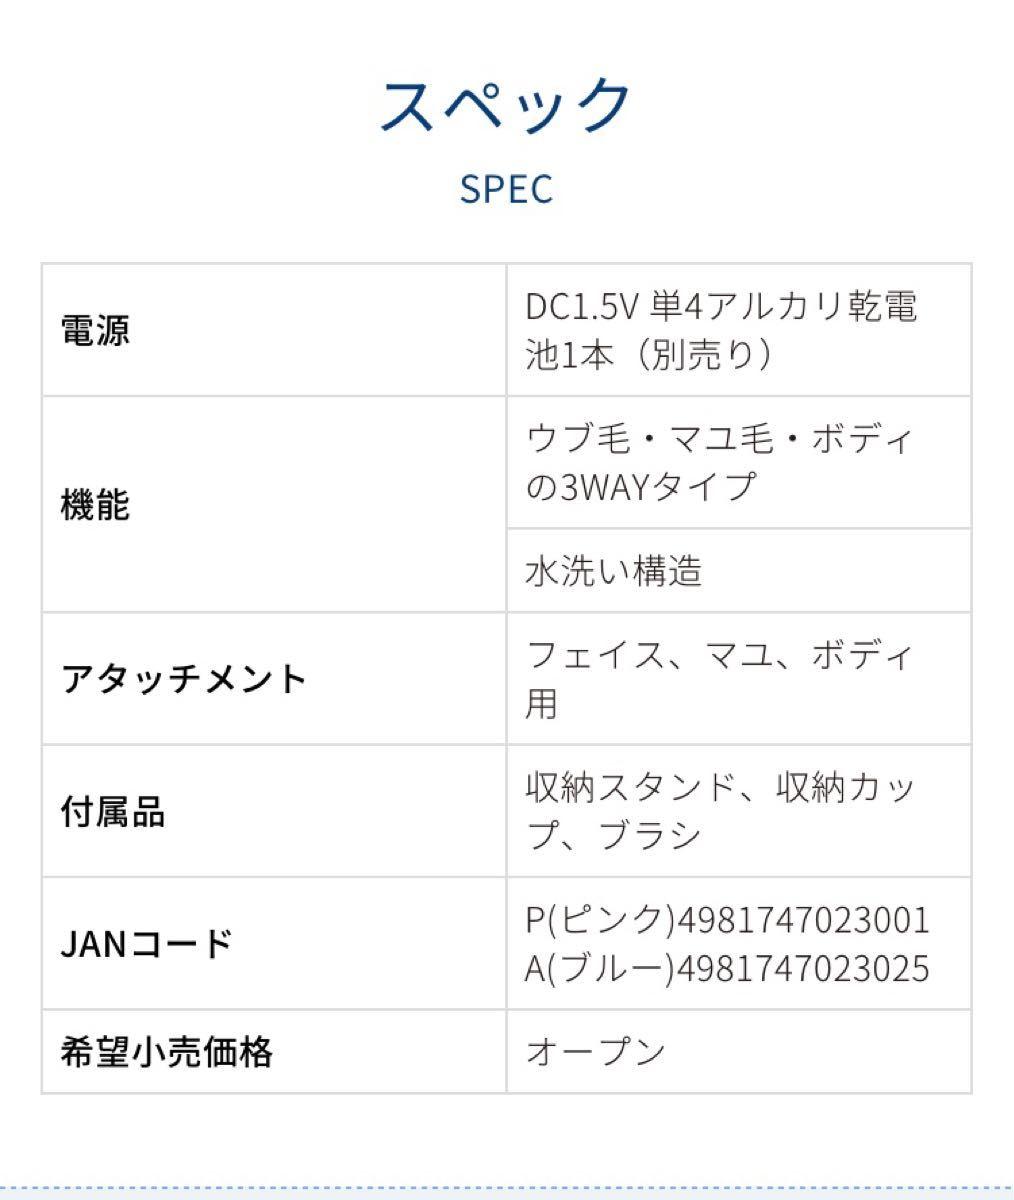 【新品未使用】コイズミ KOIZUMI フェイス&ボディーシェーバー KLC-0711/P ピンク